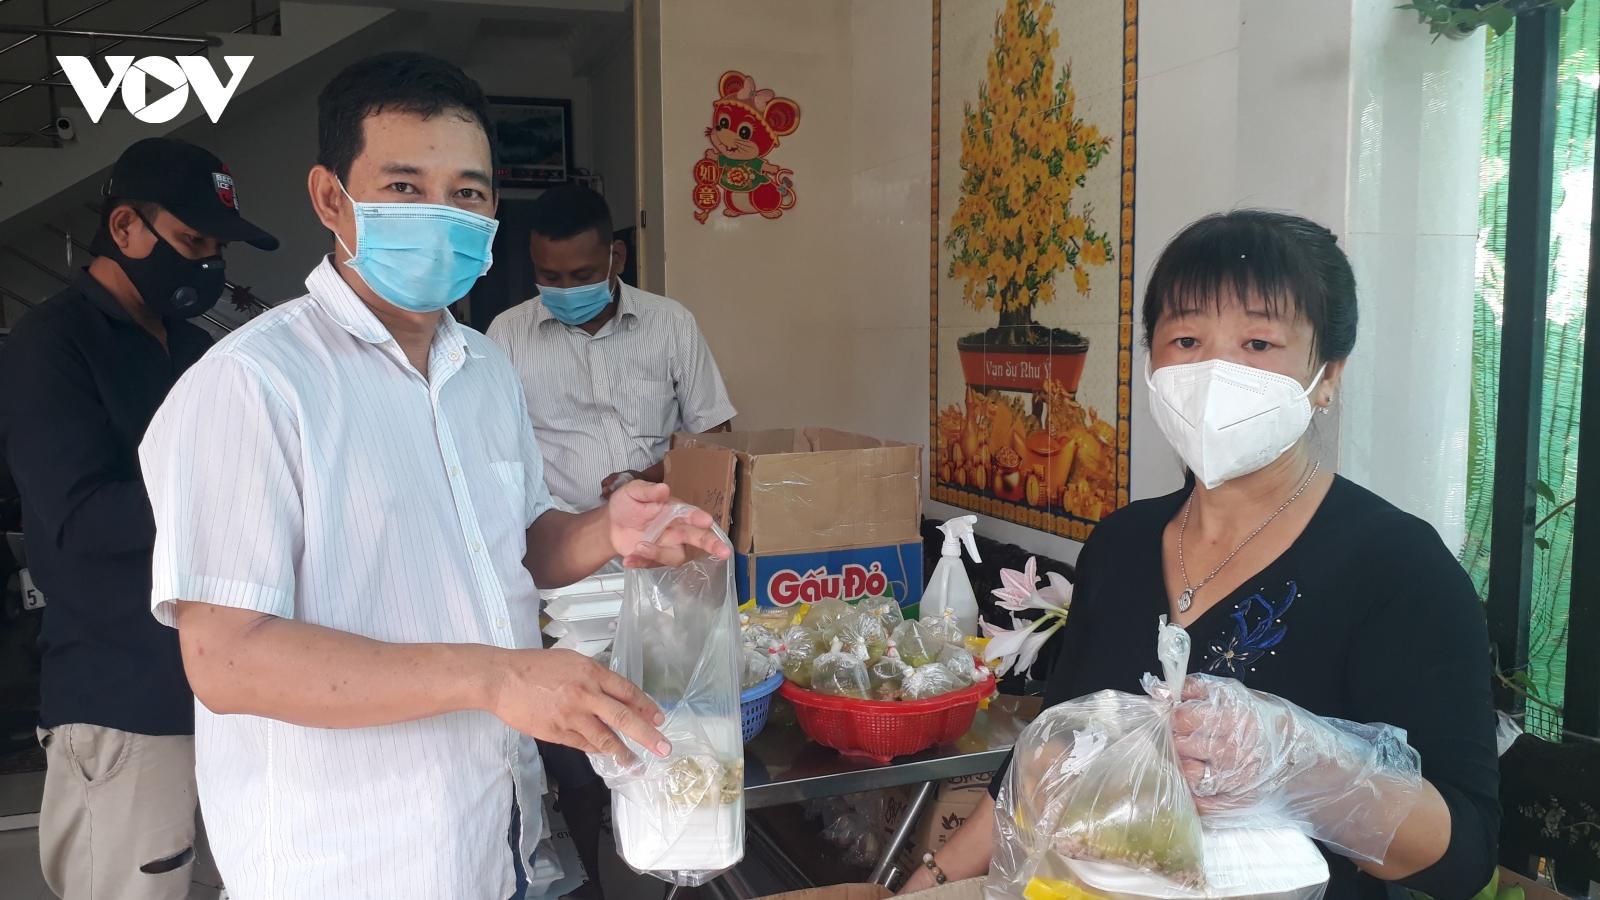 Ấm lòng hình ảnh đôi vợ chồng đồng lòng nấu cơm hỗ trợ người dân cách ly